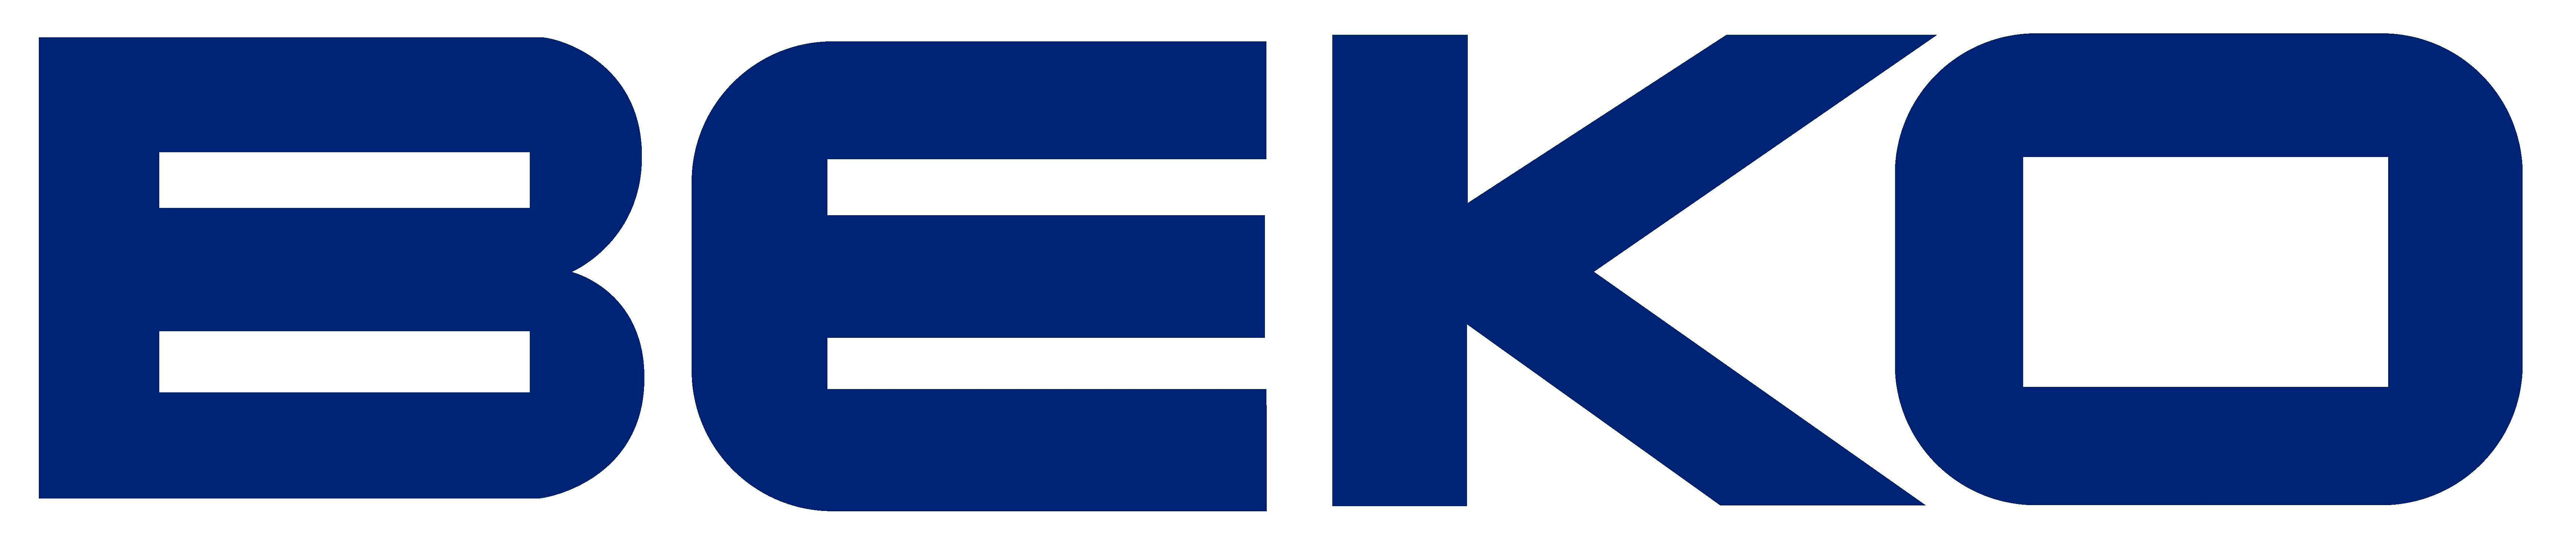 Αποτέλεσμα εικόνας για beko logo